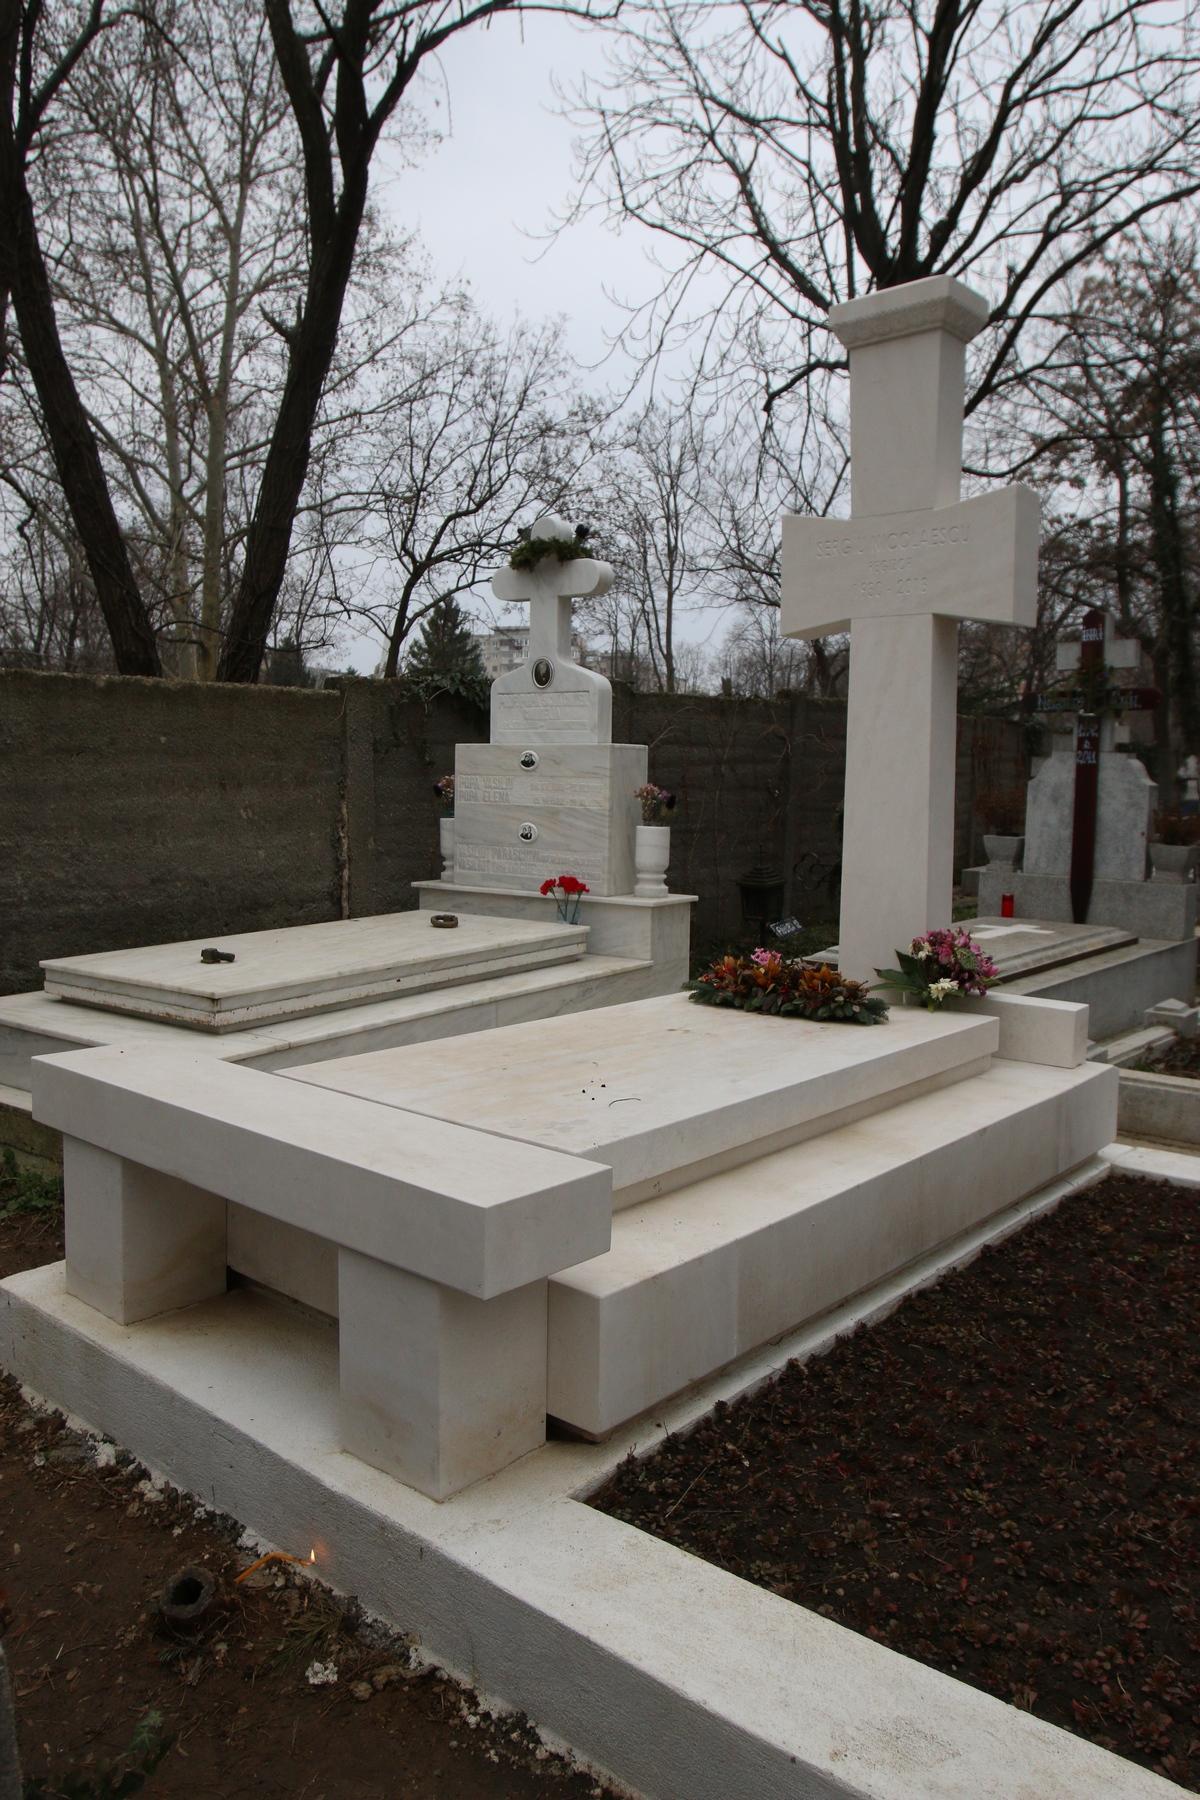 Monumentul funerar al lui Sergiu Nicolaescu este mereu curat si florile sunt aranjate